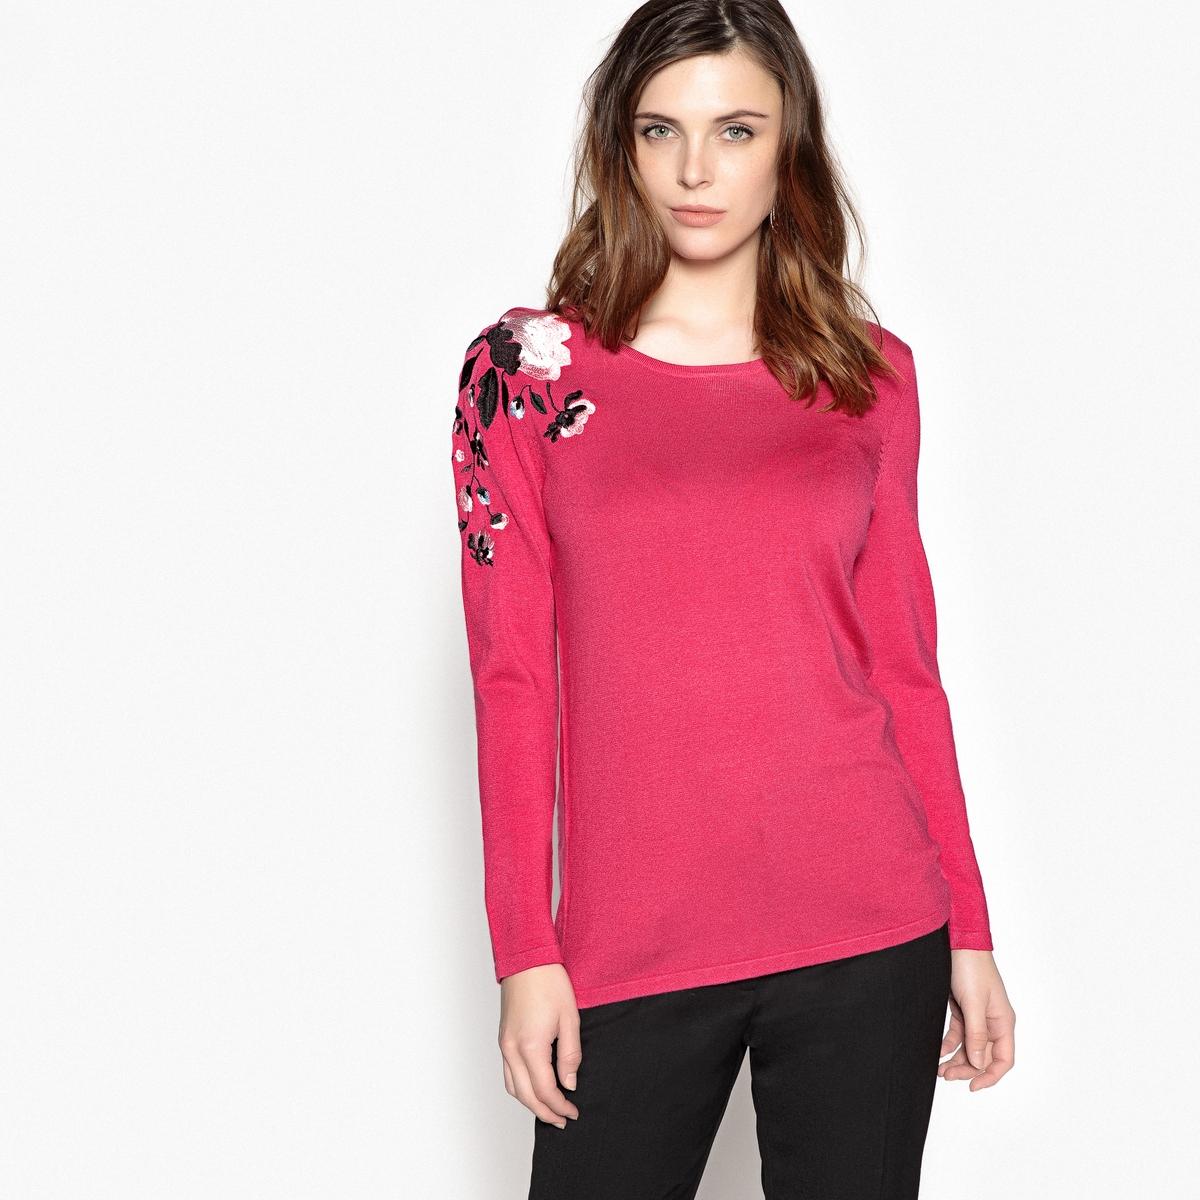 Пуловер с круглым вырезом и вышивкойОписание:Очень женственный пуловер с вышивкой спереди из тонкого трикотажа. Модно носить с юбкой или брюками.Детали •  Длинные рукава •  Круглый вырез •  Тонкий трикотажСостав и уход •  80% вискозы, 20% полиамида •  Температура стирки 30° на деликатном режиме   •  Сухая чистка и отбеливатели запрещены •  Не использовать барабанную сушку •  Низкая температура глажки •  Приспущенные проймы. Края выреза, низа и рукавов связаны трубчатой вязкой.  •  Длина  : 64 см<br><br>Цвет: фуксия<br>Размер: 38/40 (FR) - 44/46 (RUS).46/48 (FR) - 52/54 (RUS).42/44 (FR) - 48/50 (RUS)